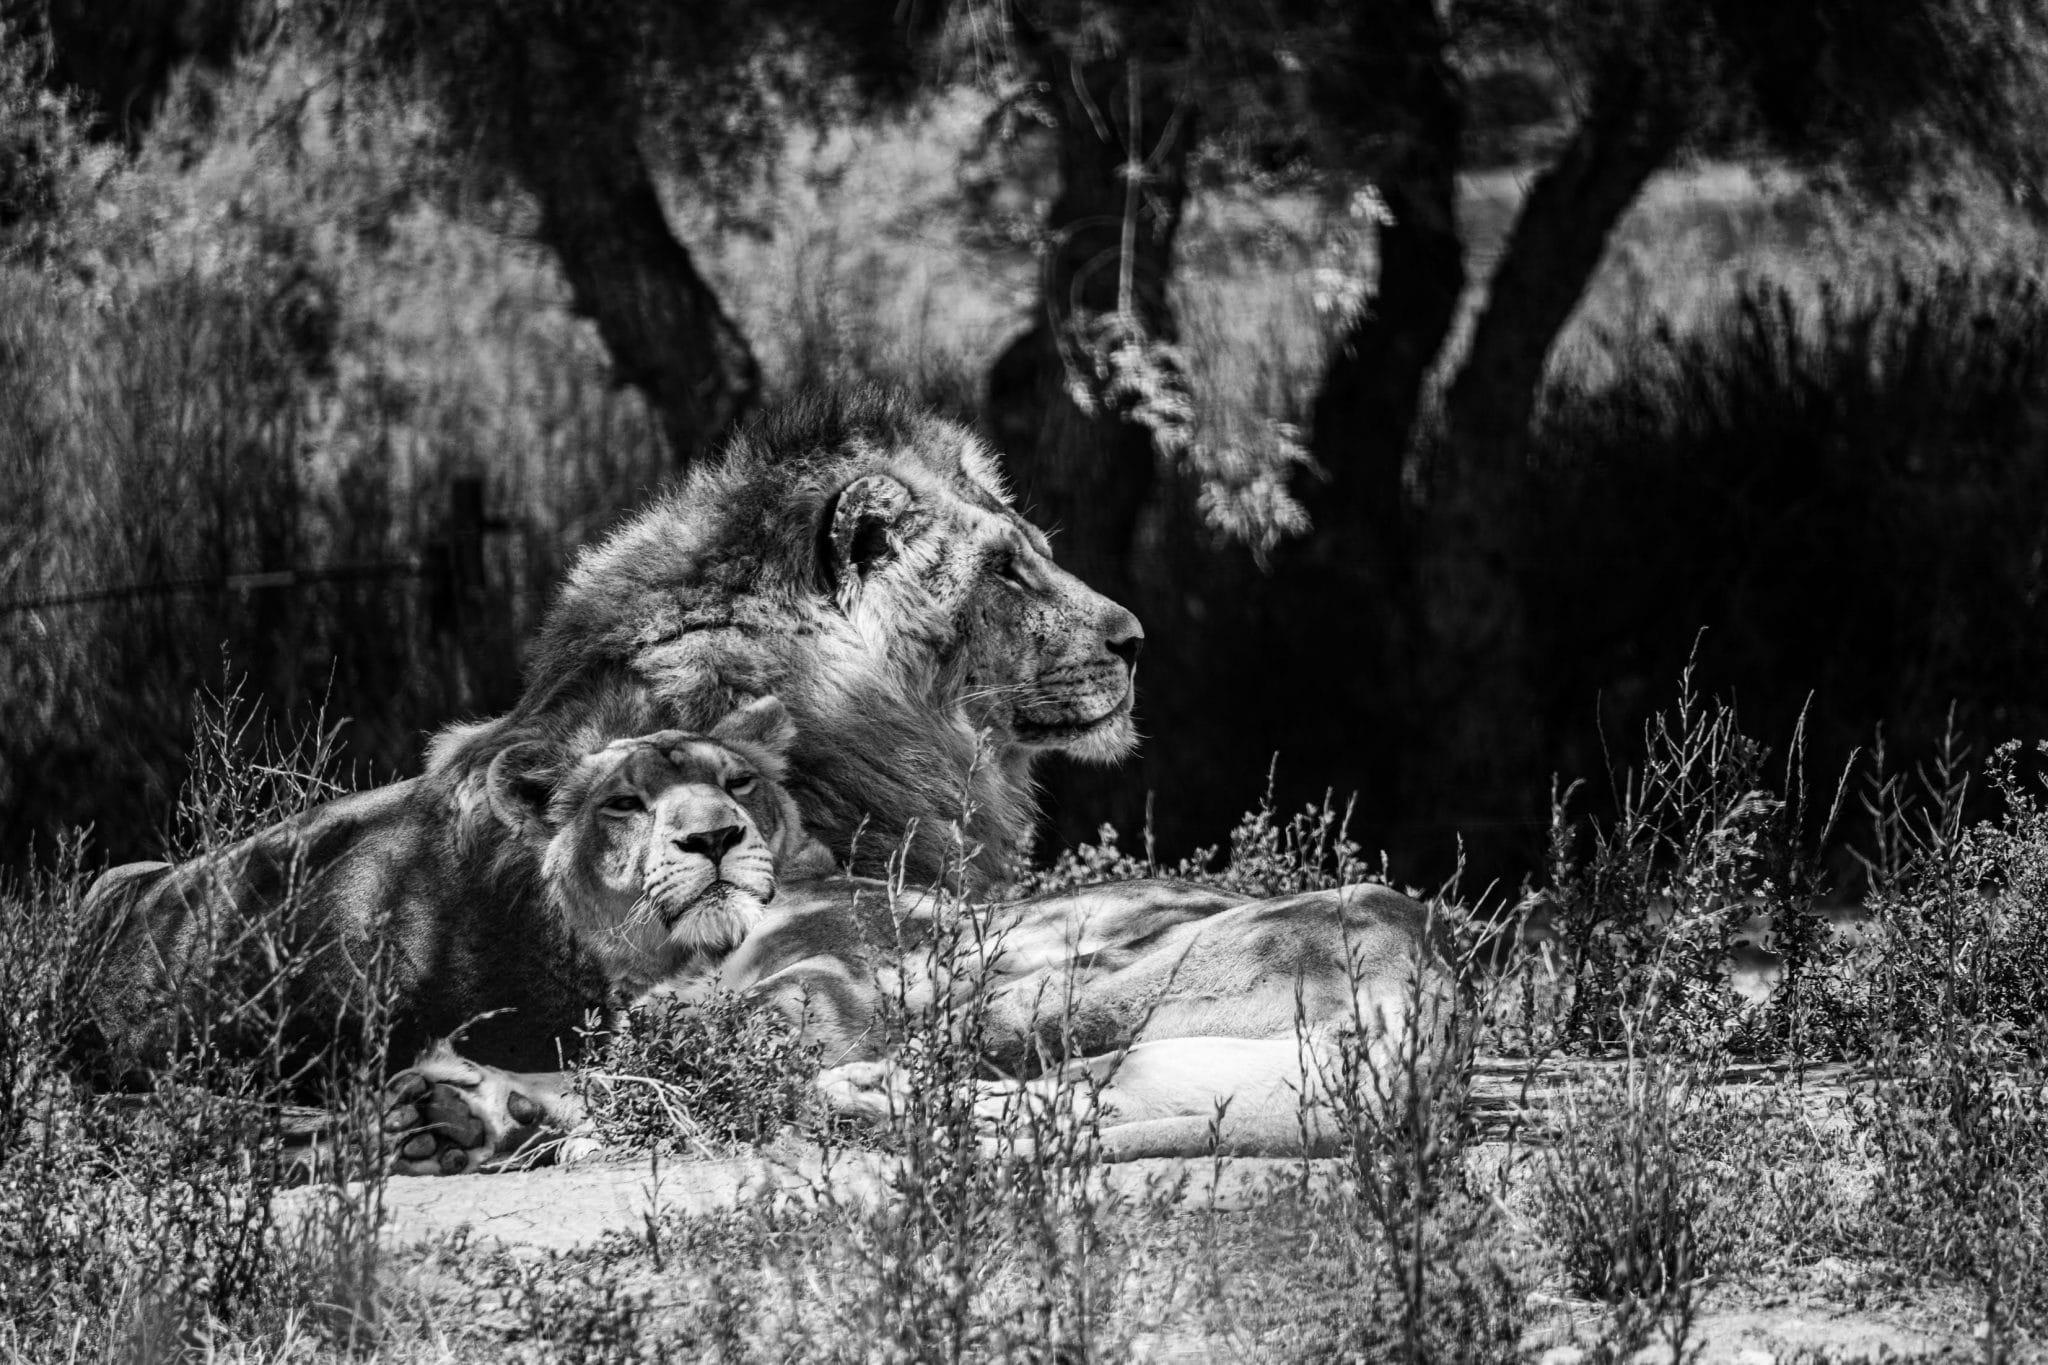 2ème prix CONCOURS PHOTO 2020 ADULTE : Estelle LOZANO-ZANCHETTA - Lions